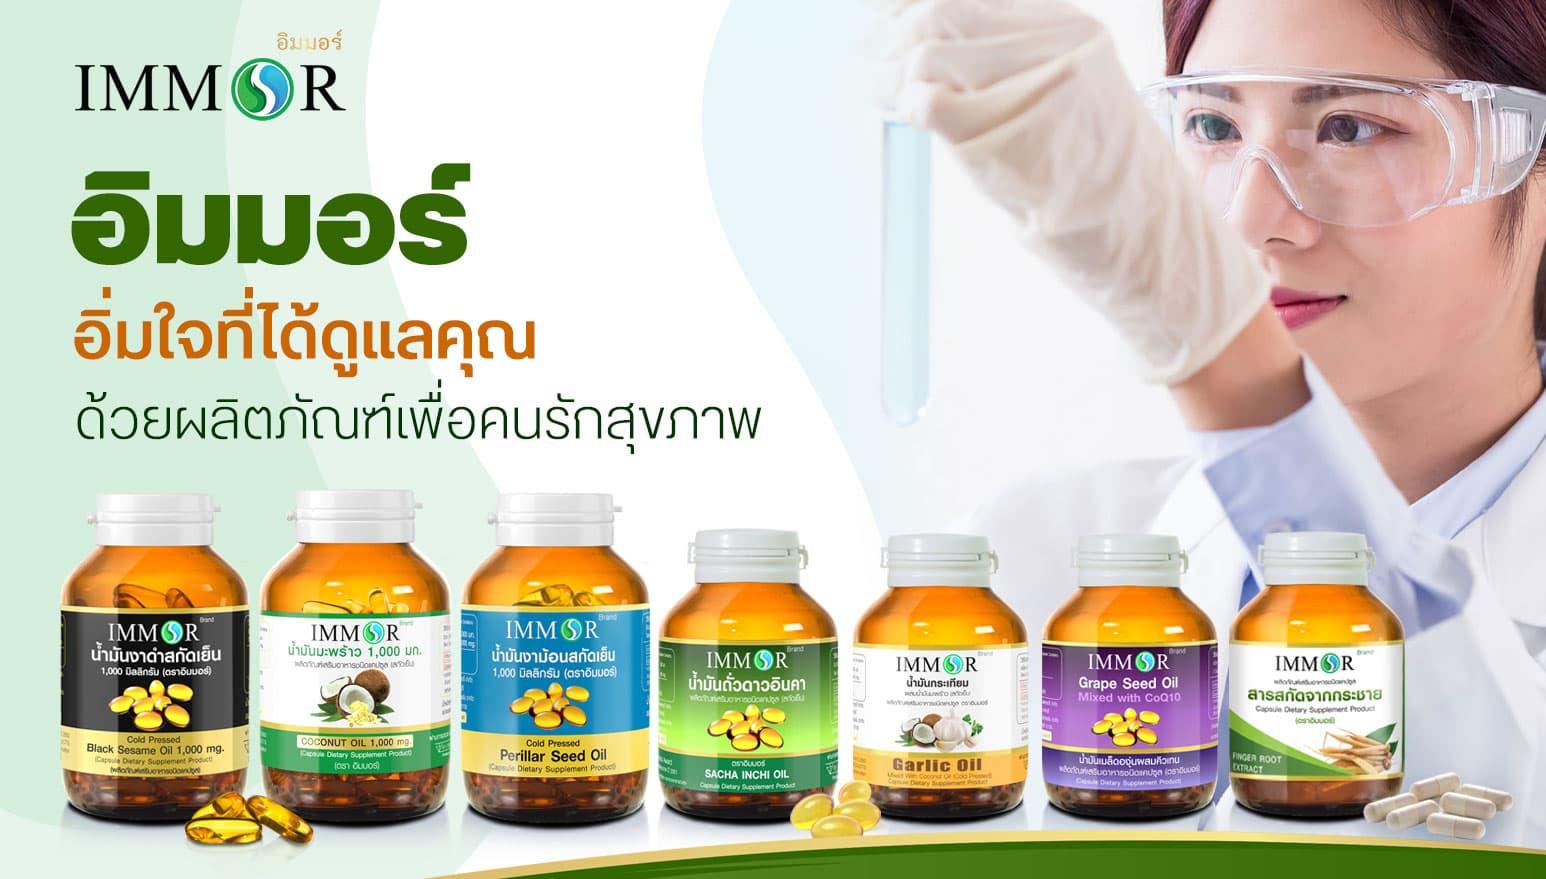 IMMOR_ผลิตภัณฑ์เพื่อคนรักสุขภาพ